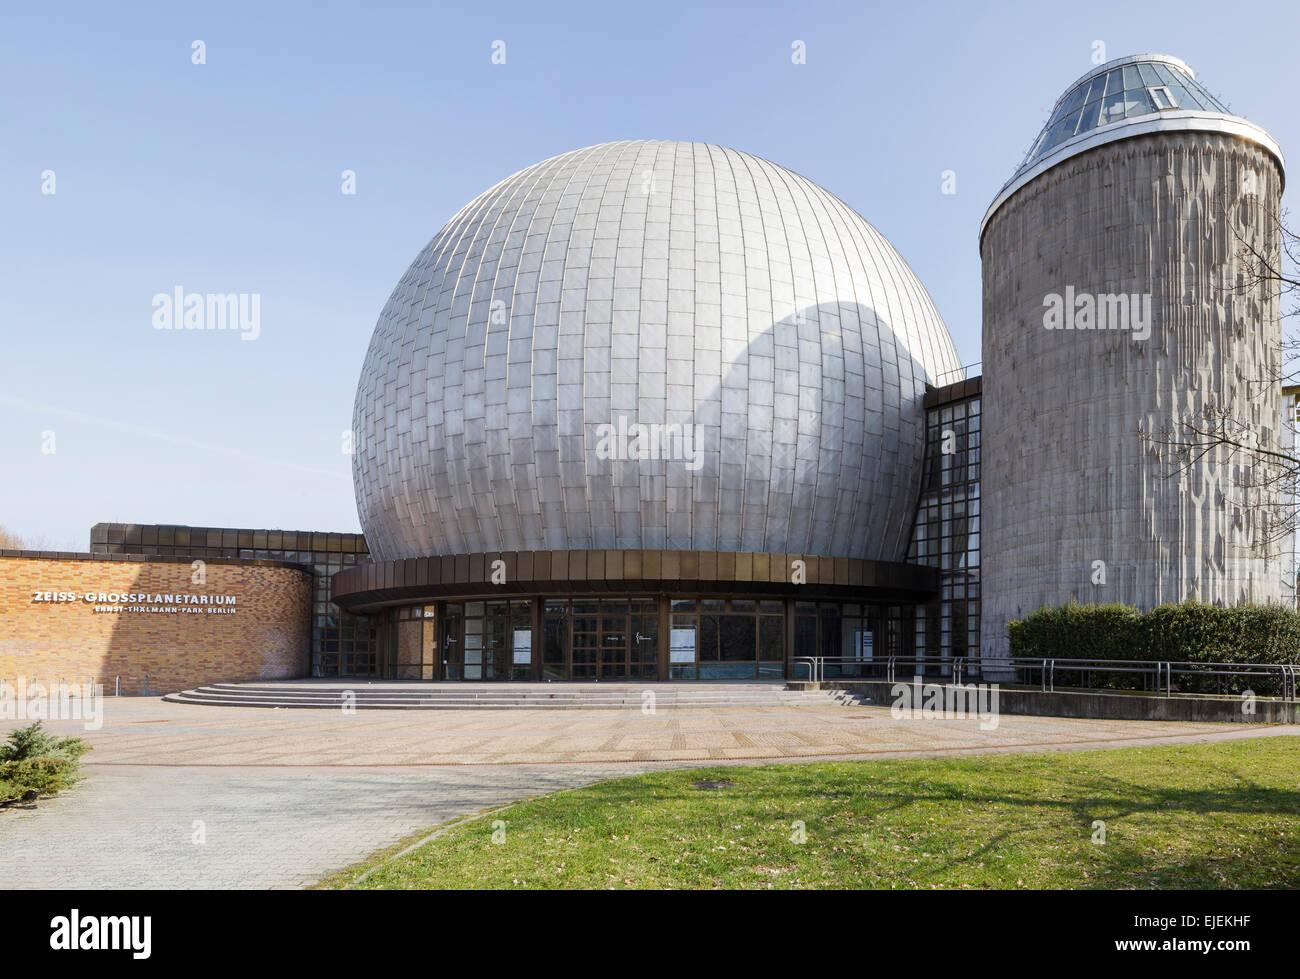 Zeiss Entfernungsmesser Berlin : Zeiss stock photos images alamy